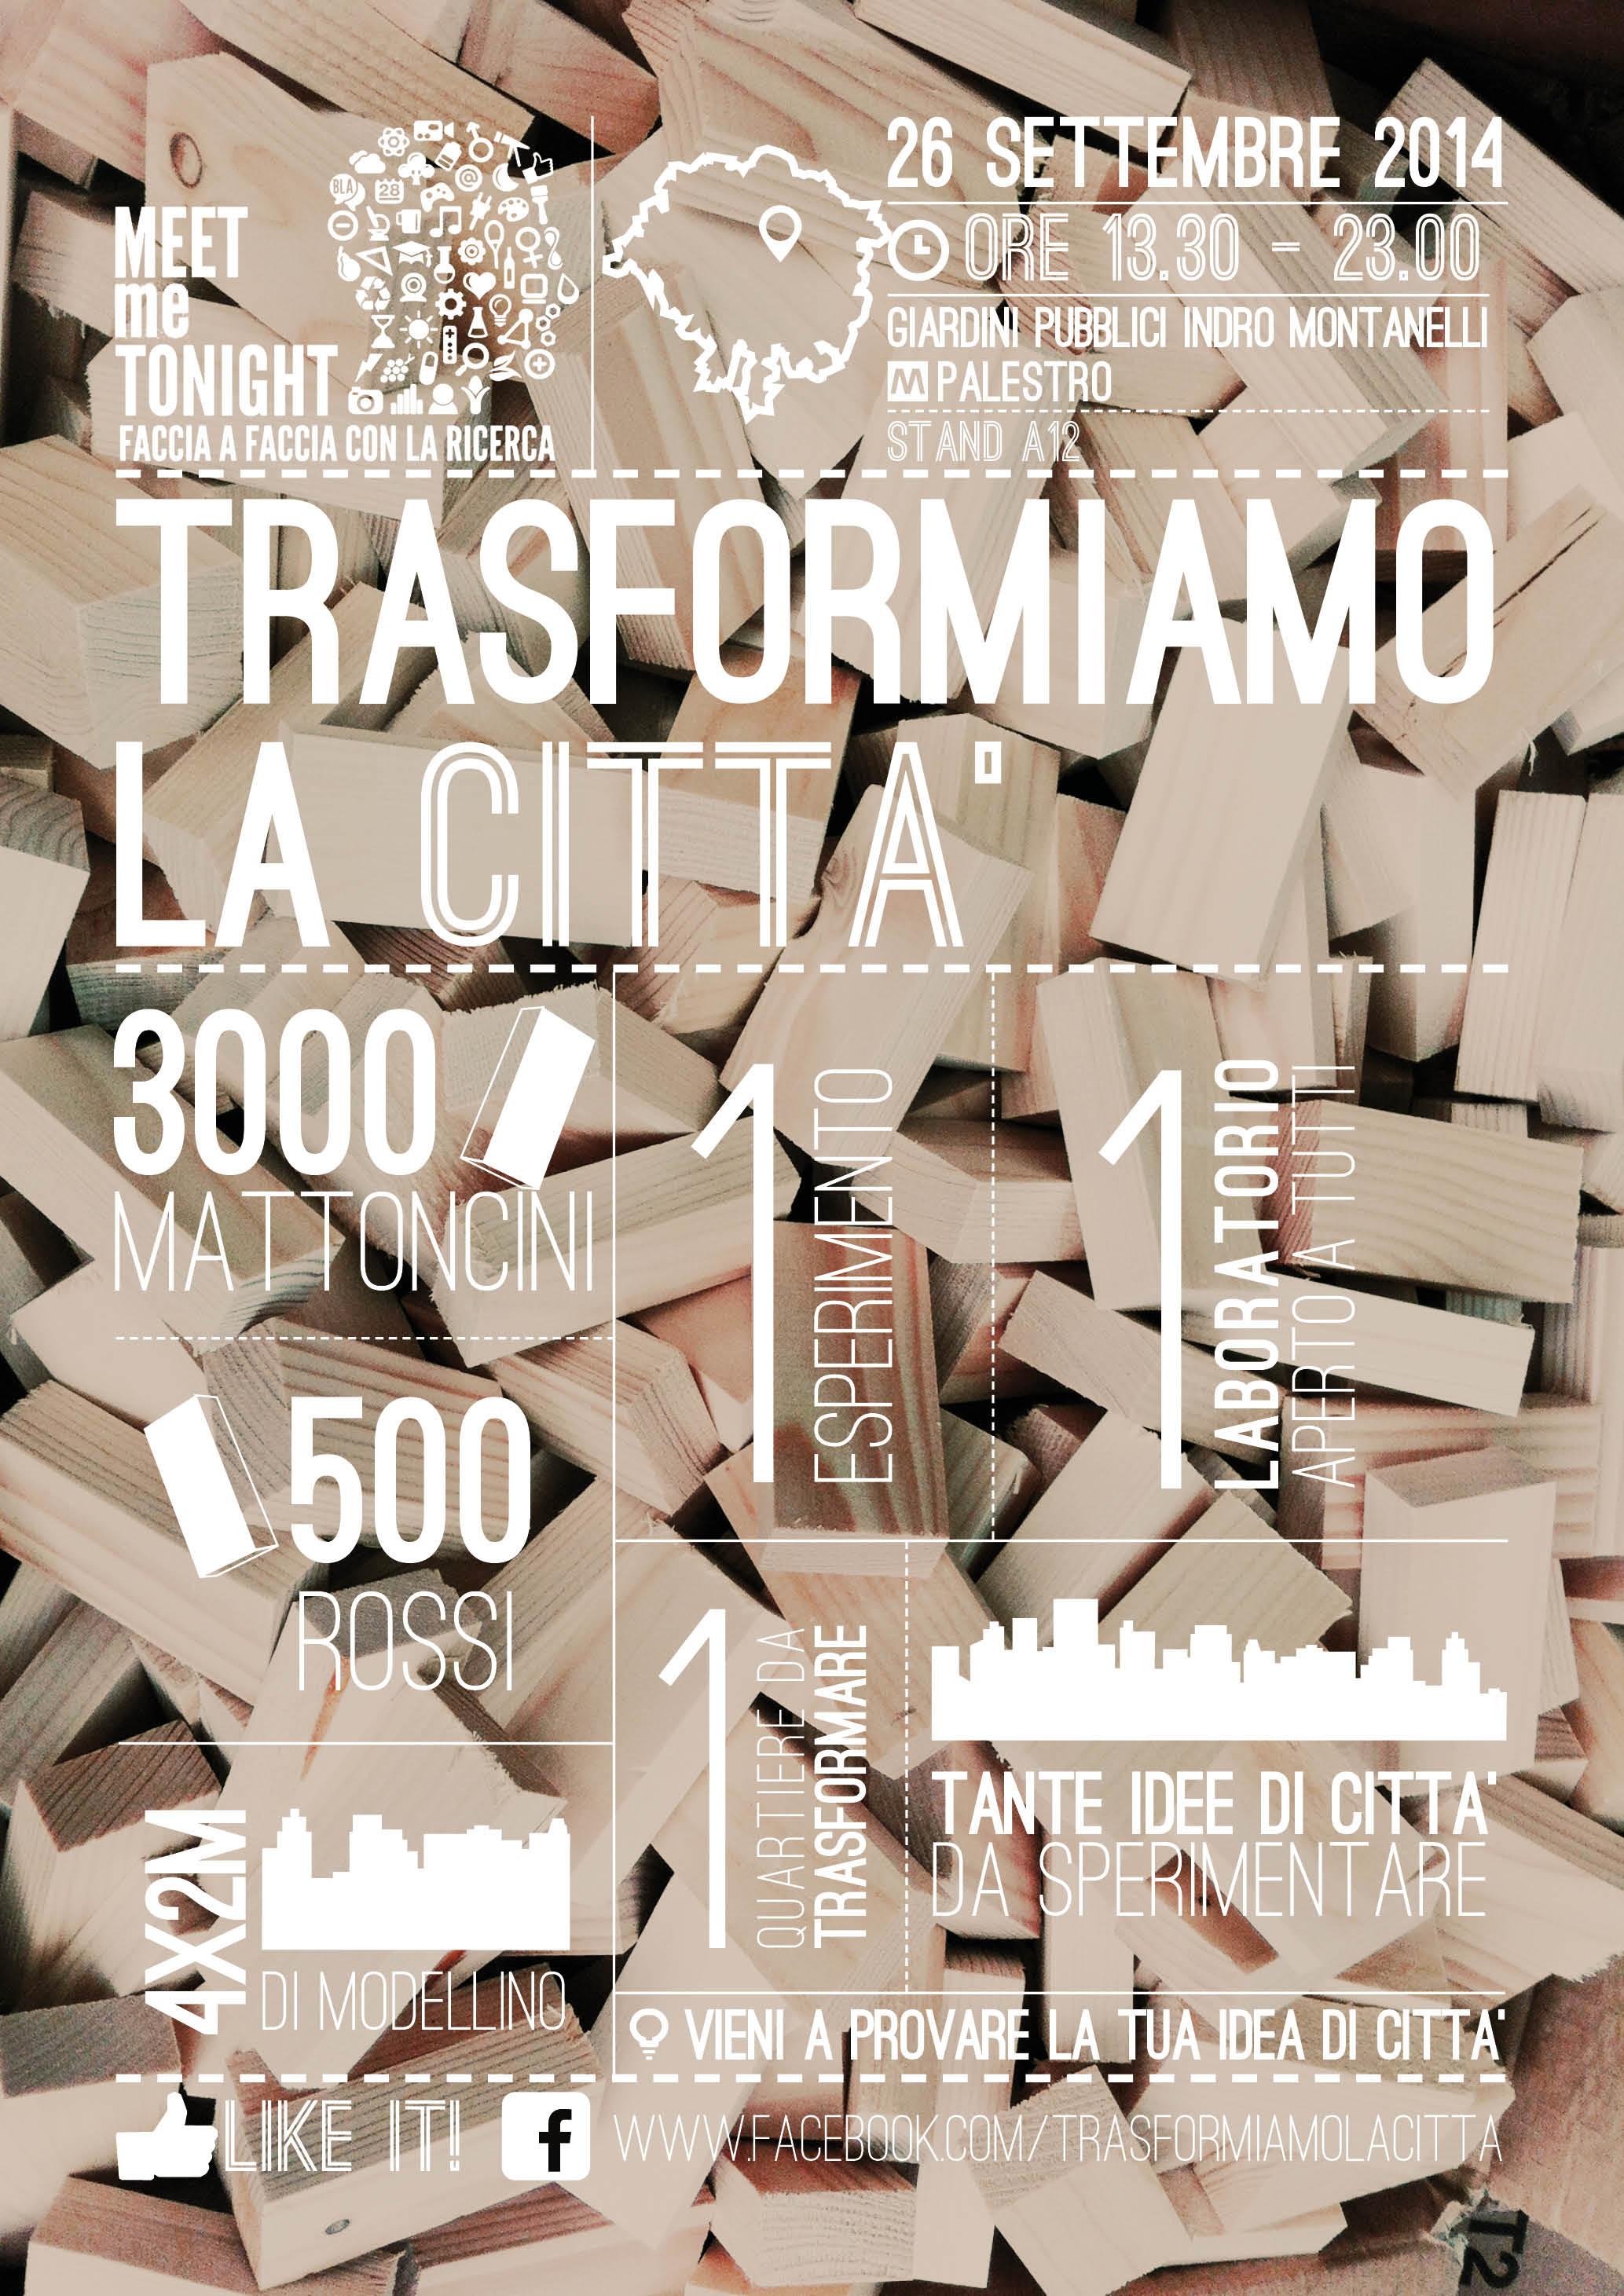 INVITO-Trasformiamo la città MMT2014